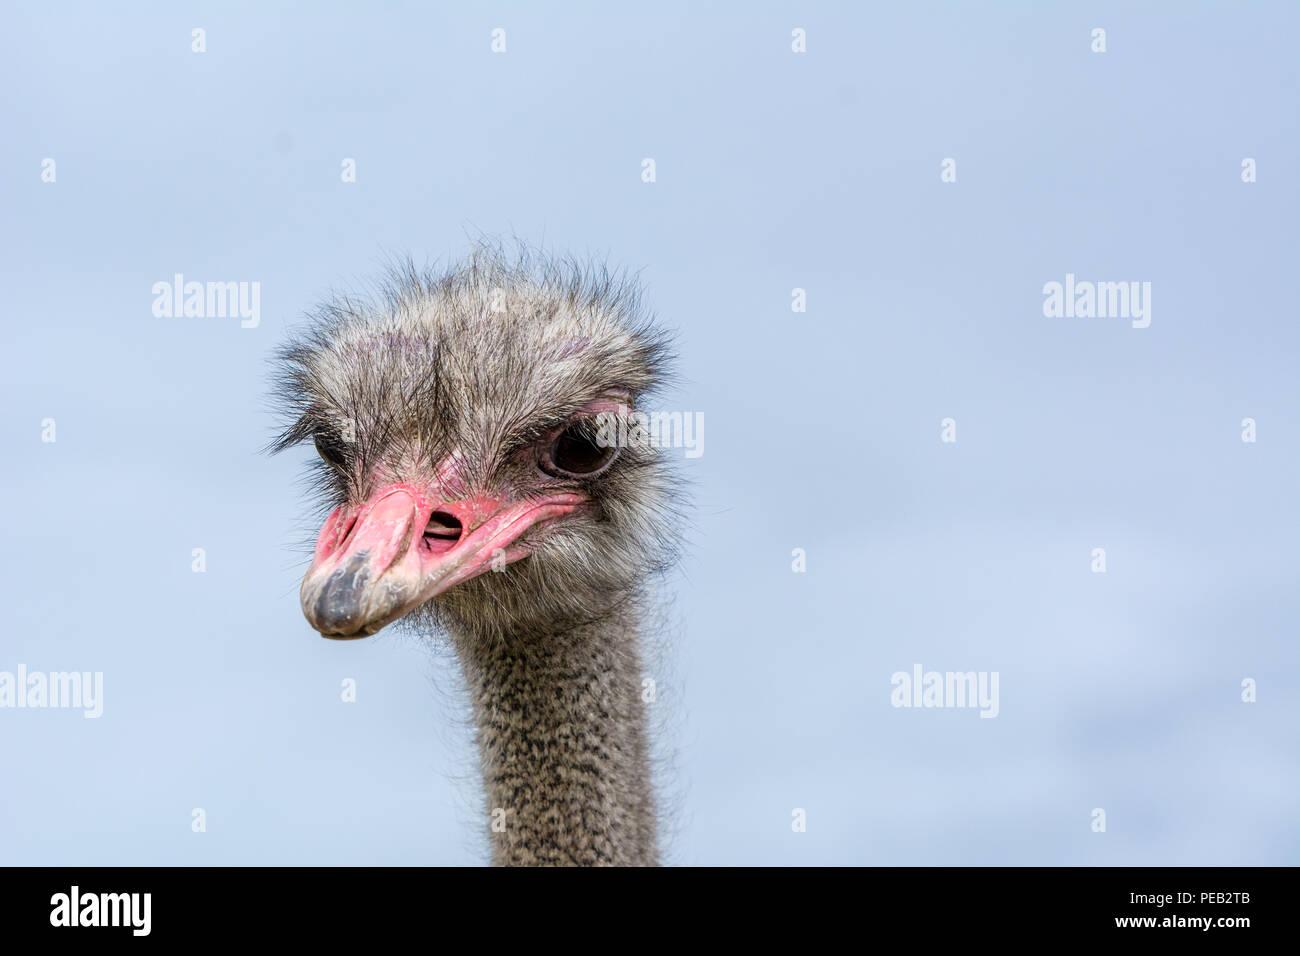 Der Kopf einer Strauß closeup auf einem blauen Hintergrund. Stockbild